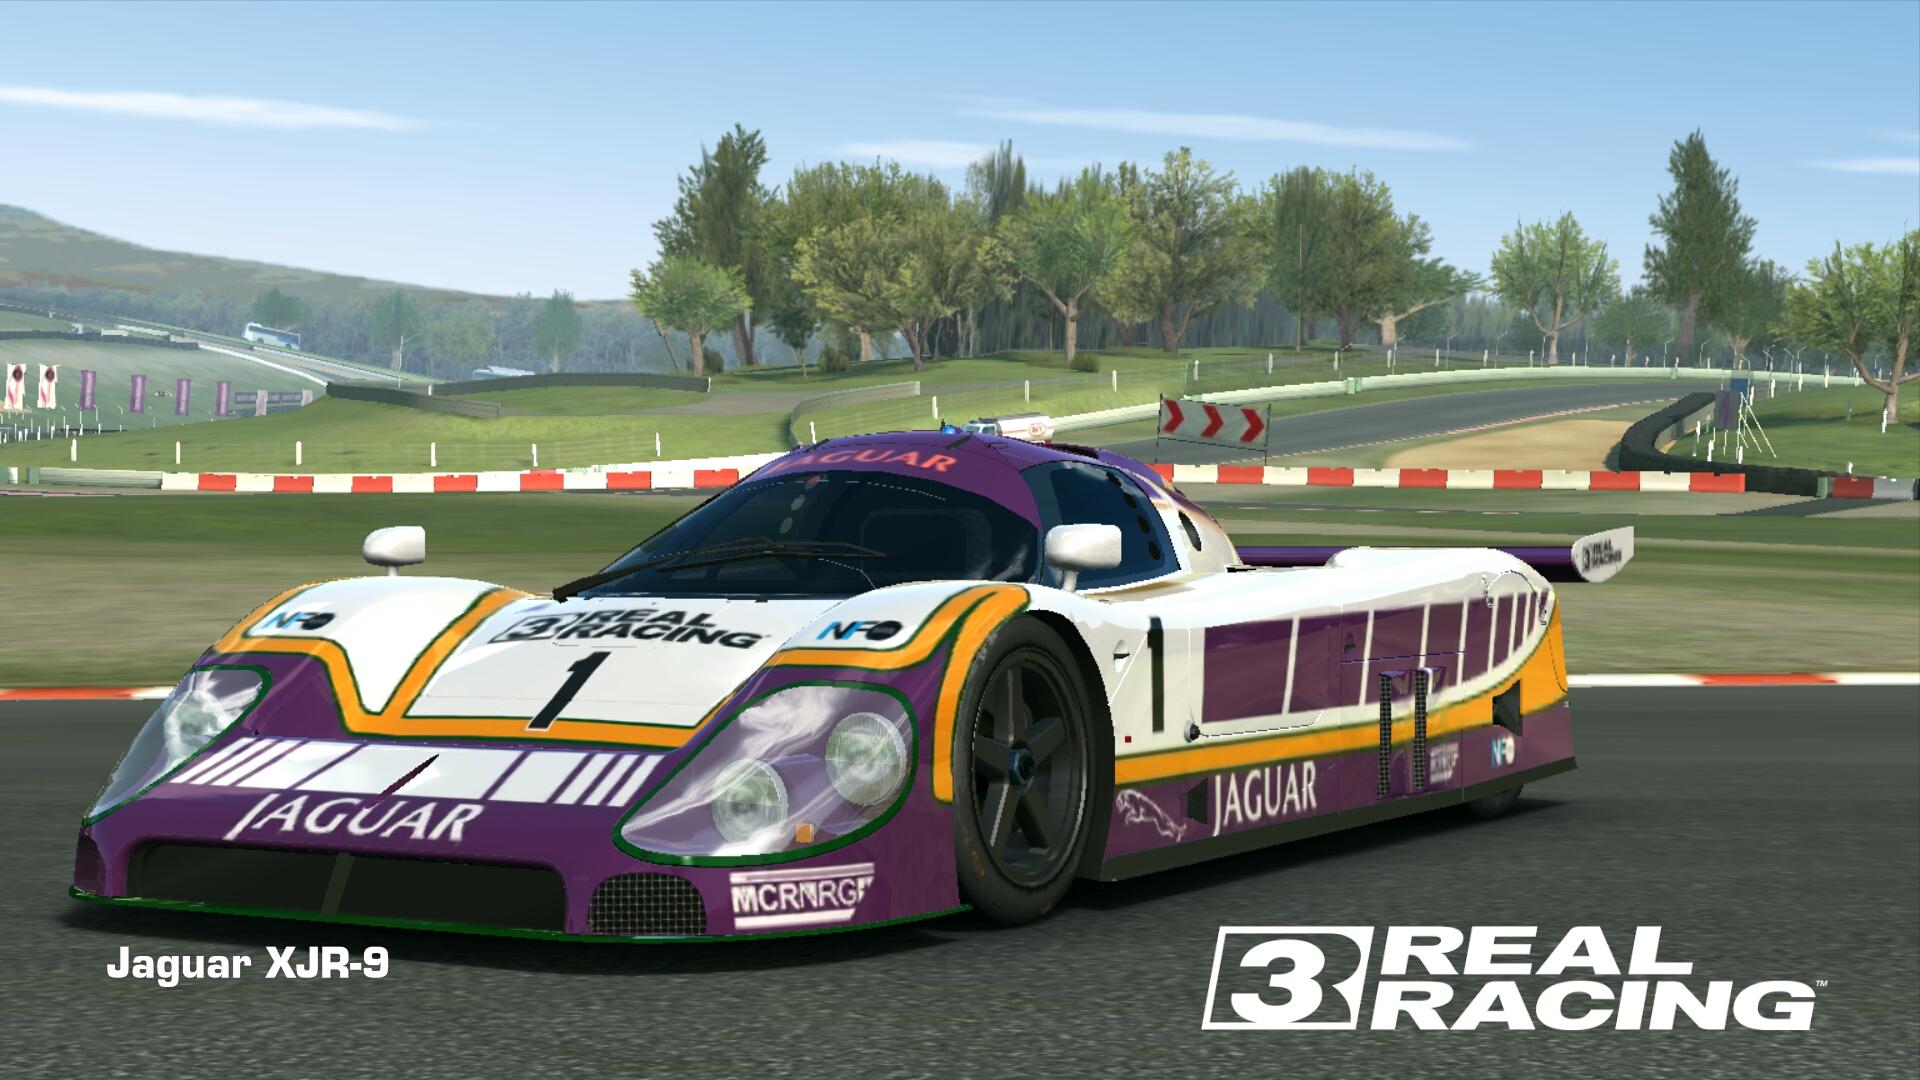 Image - Showcase Jaguar XJR-9.jpg | Real Racing 3 Wiki ...